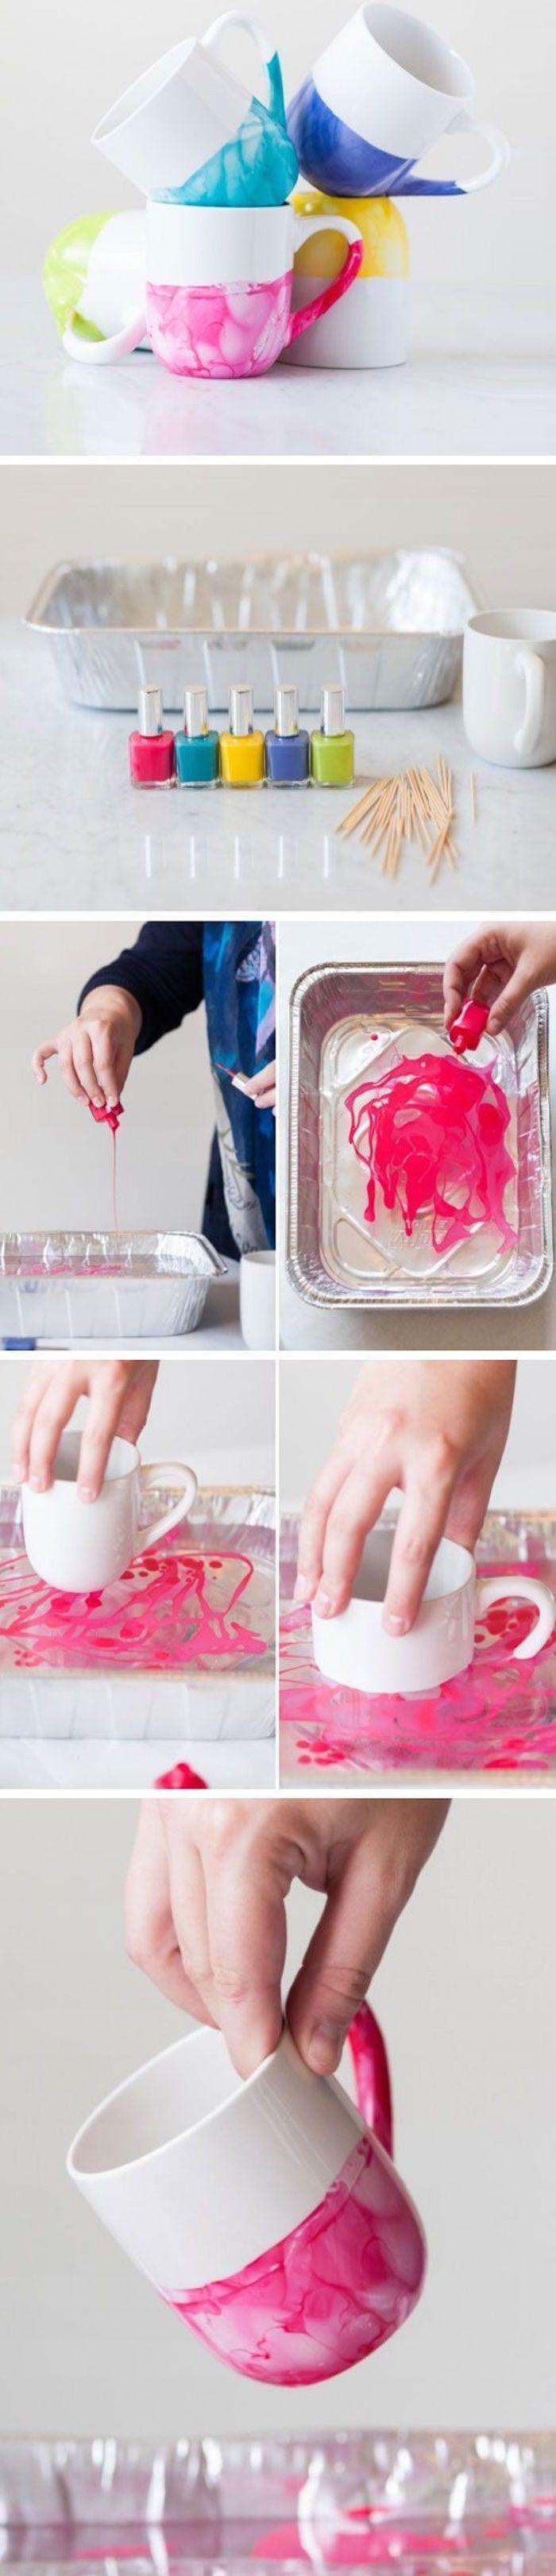 Kreative Idee, DIY, Tassen mit Nagellack bemalen | DIY und ...